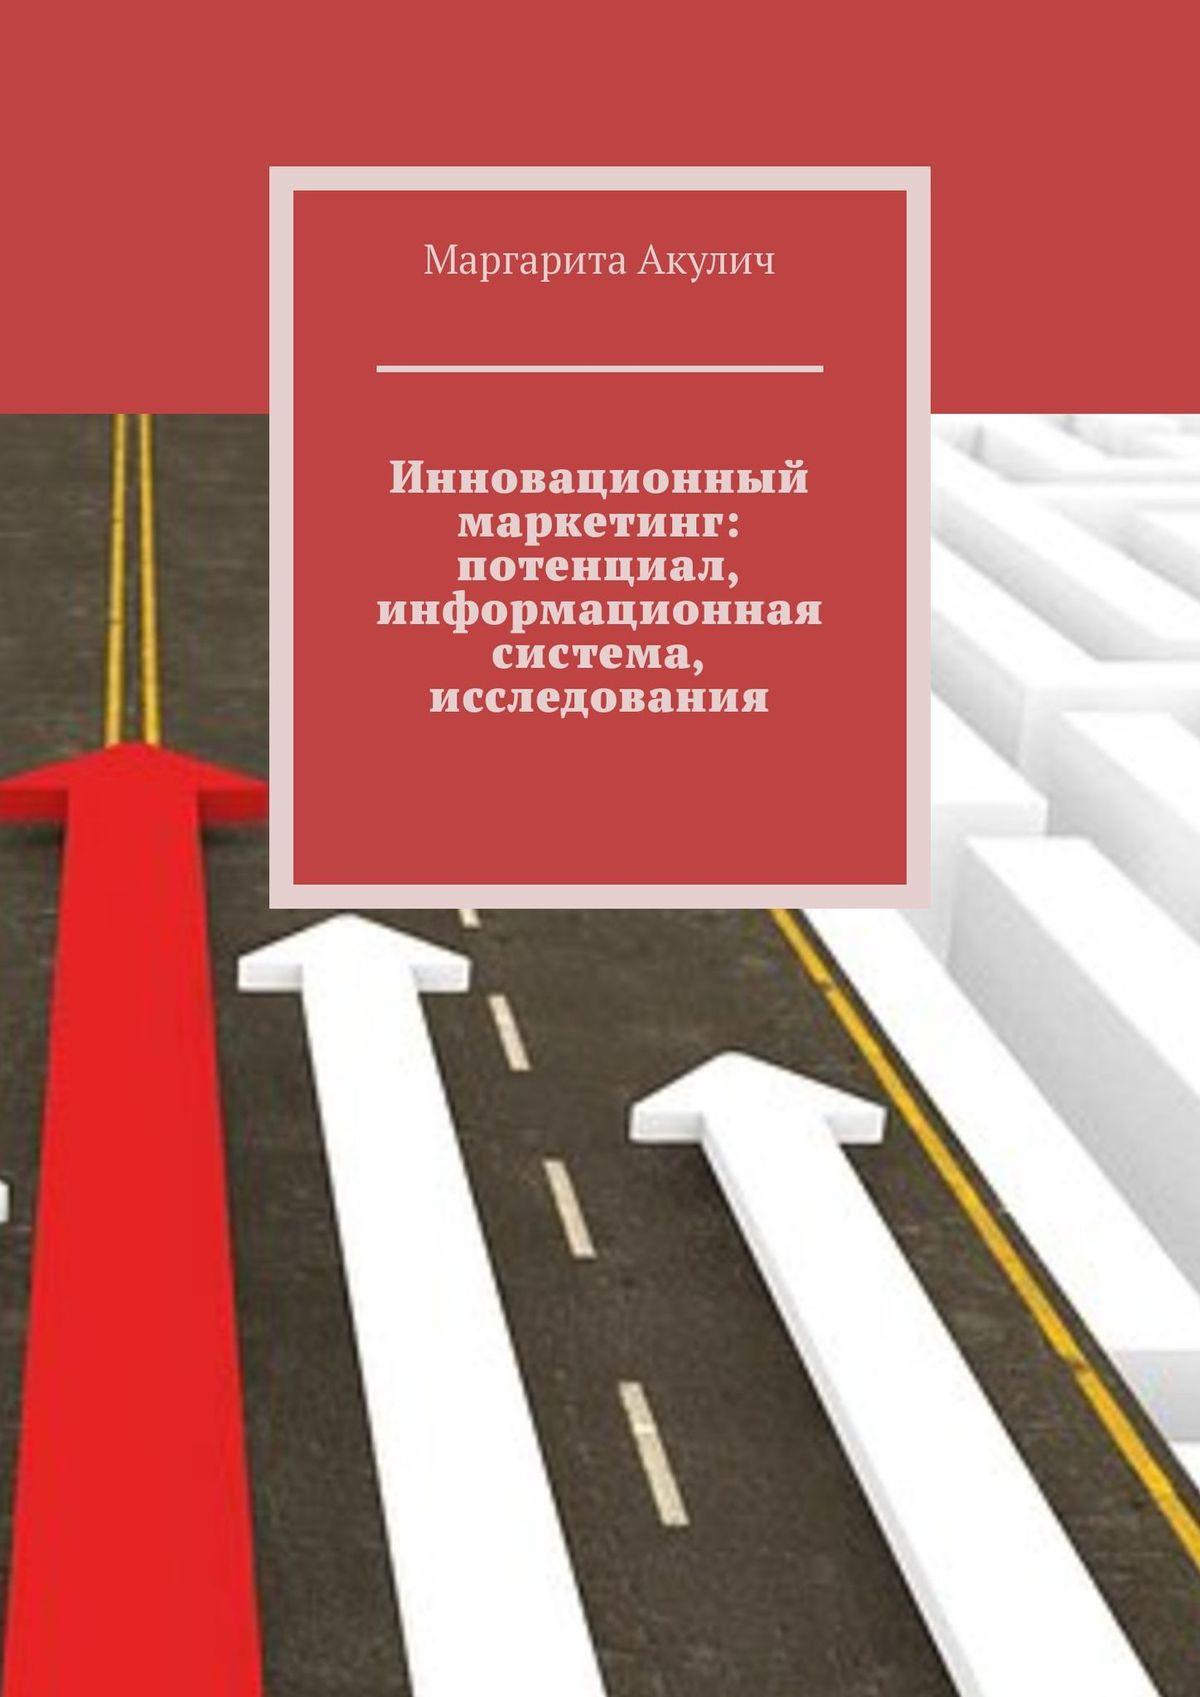 Маргарита Акулич Инновационный маркетинг: потенциал, информационная система, исследования антон агафонов сетевой маркетинг система рекрутирования в интернете